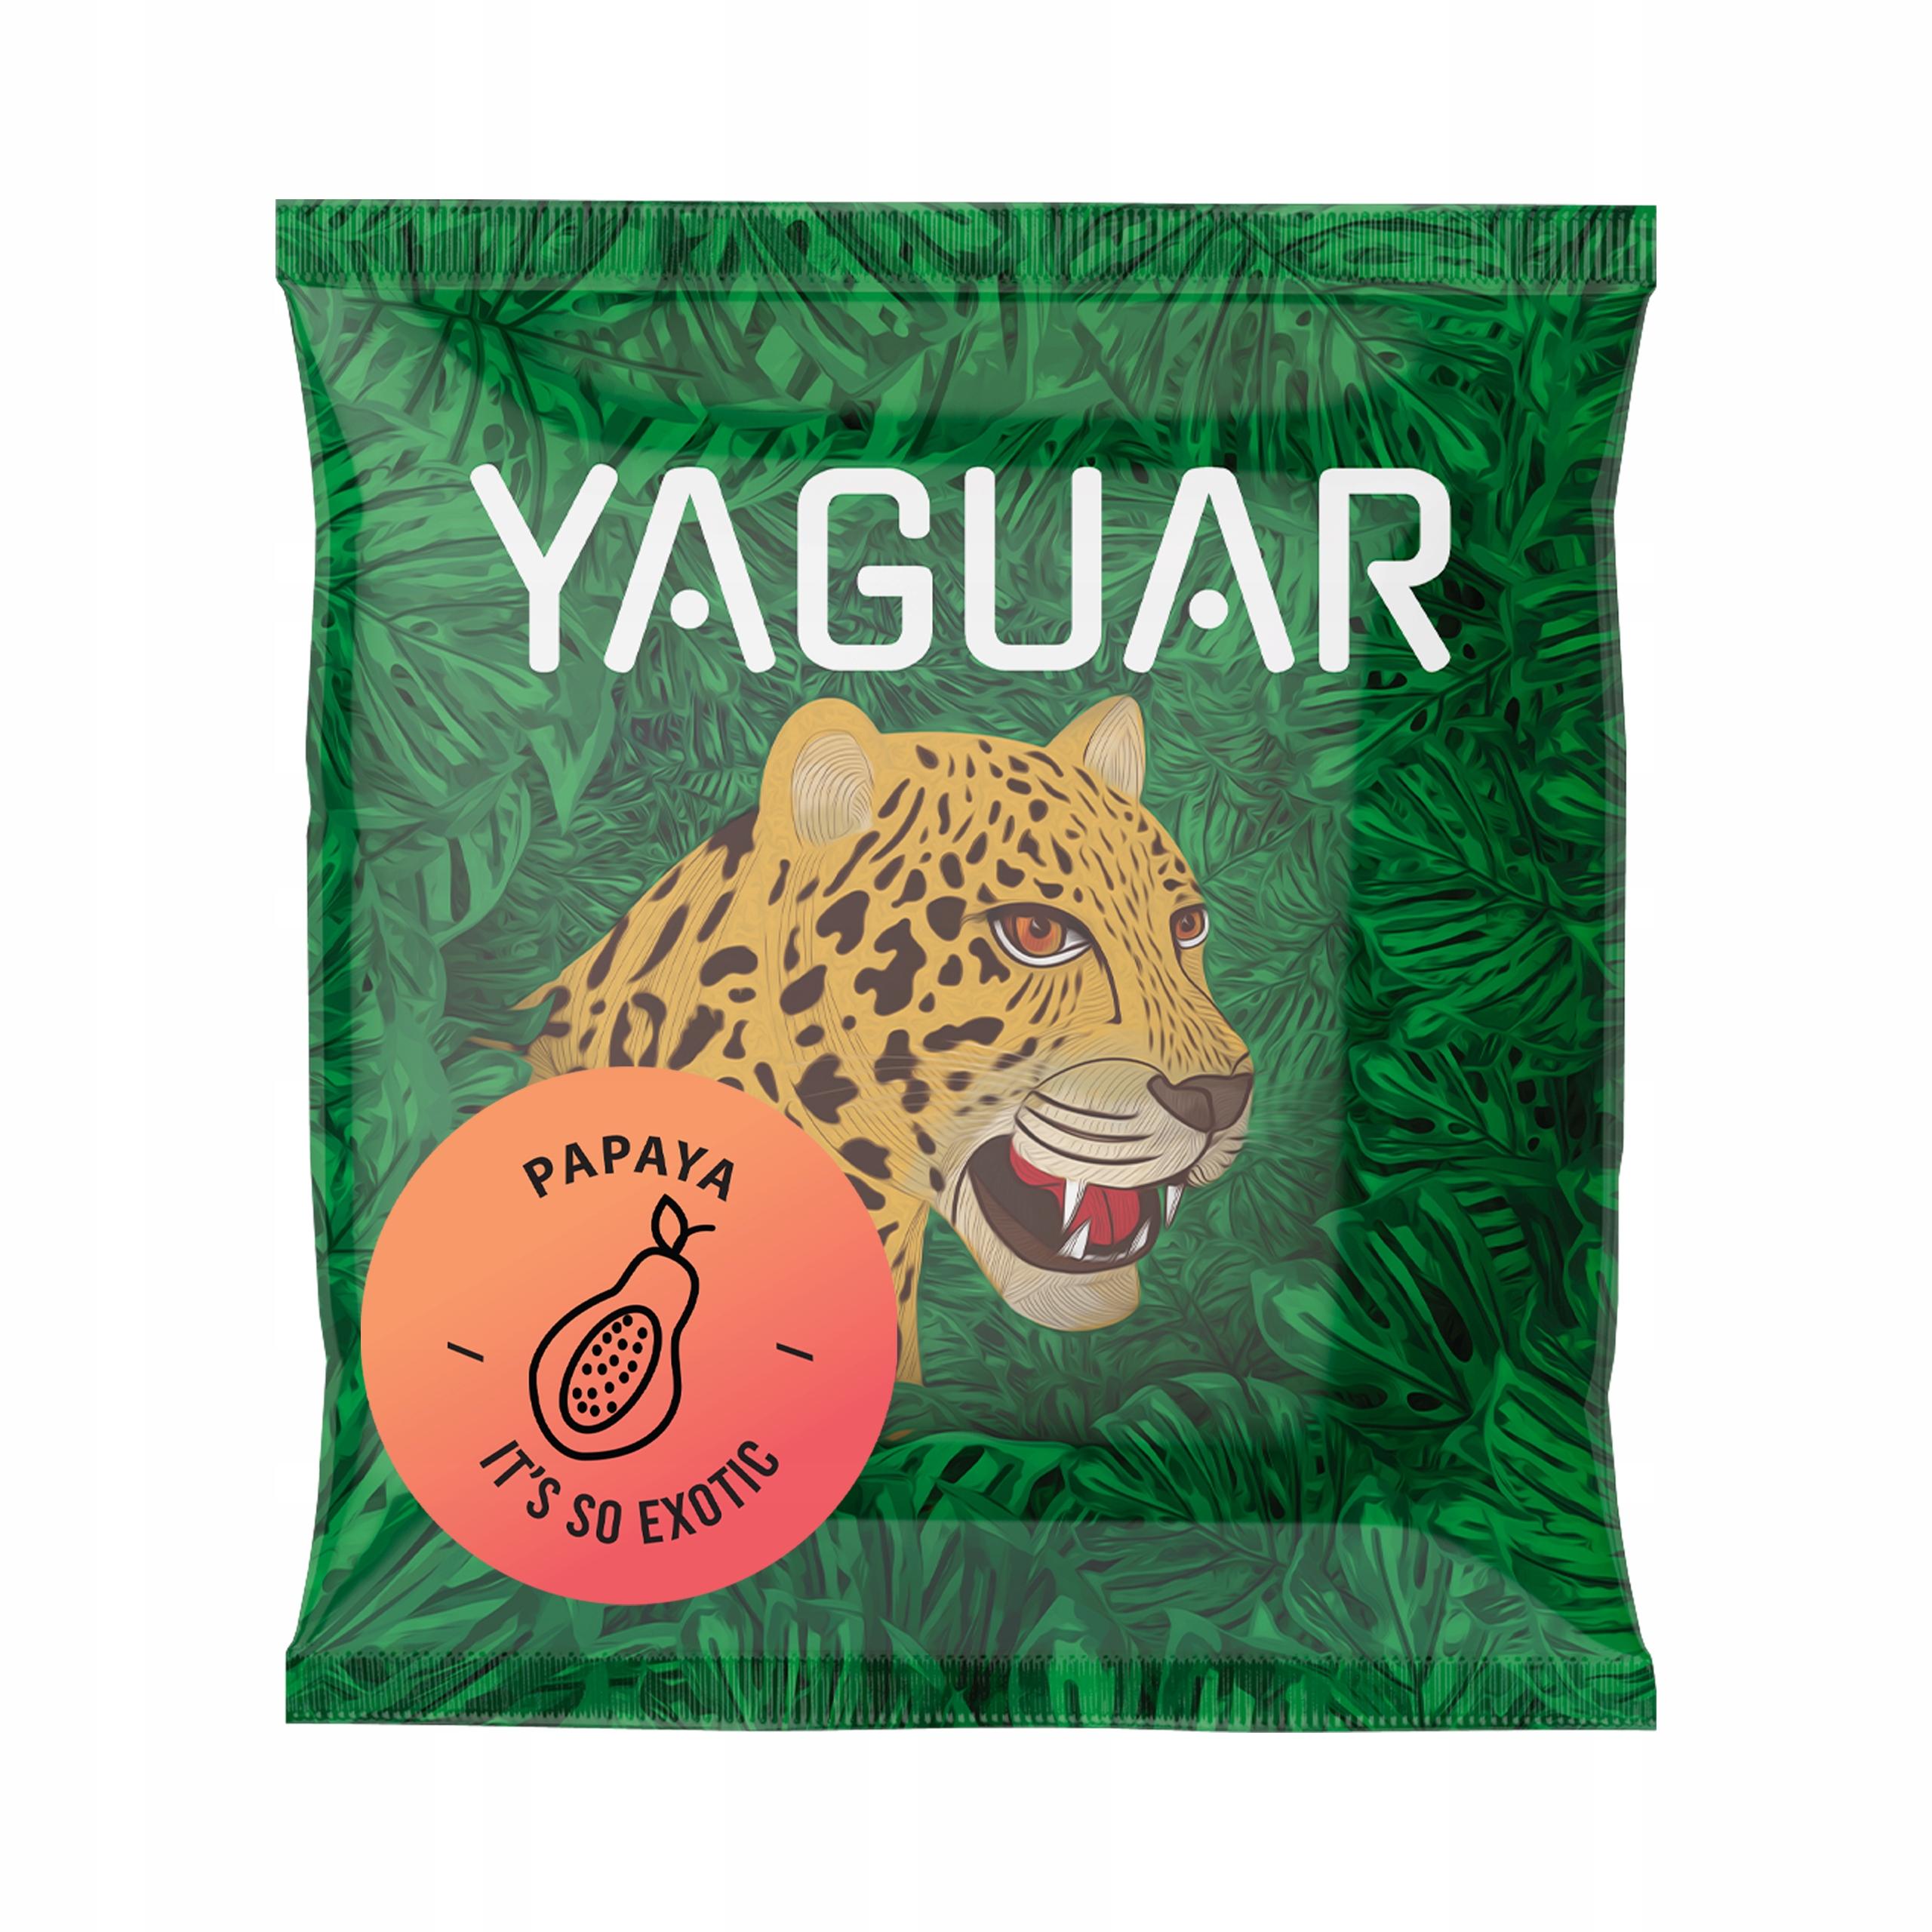 Yerba Mate Yaguar Papaya 50g próbka